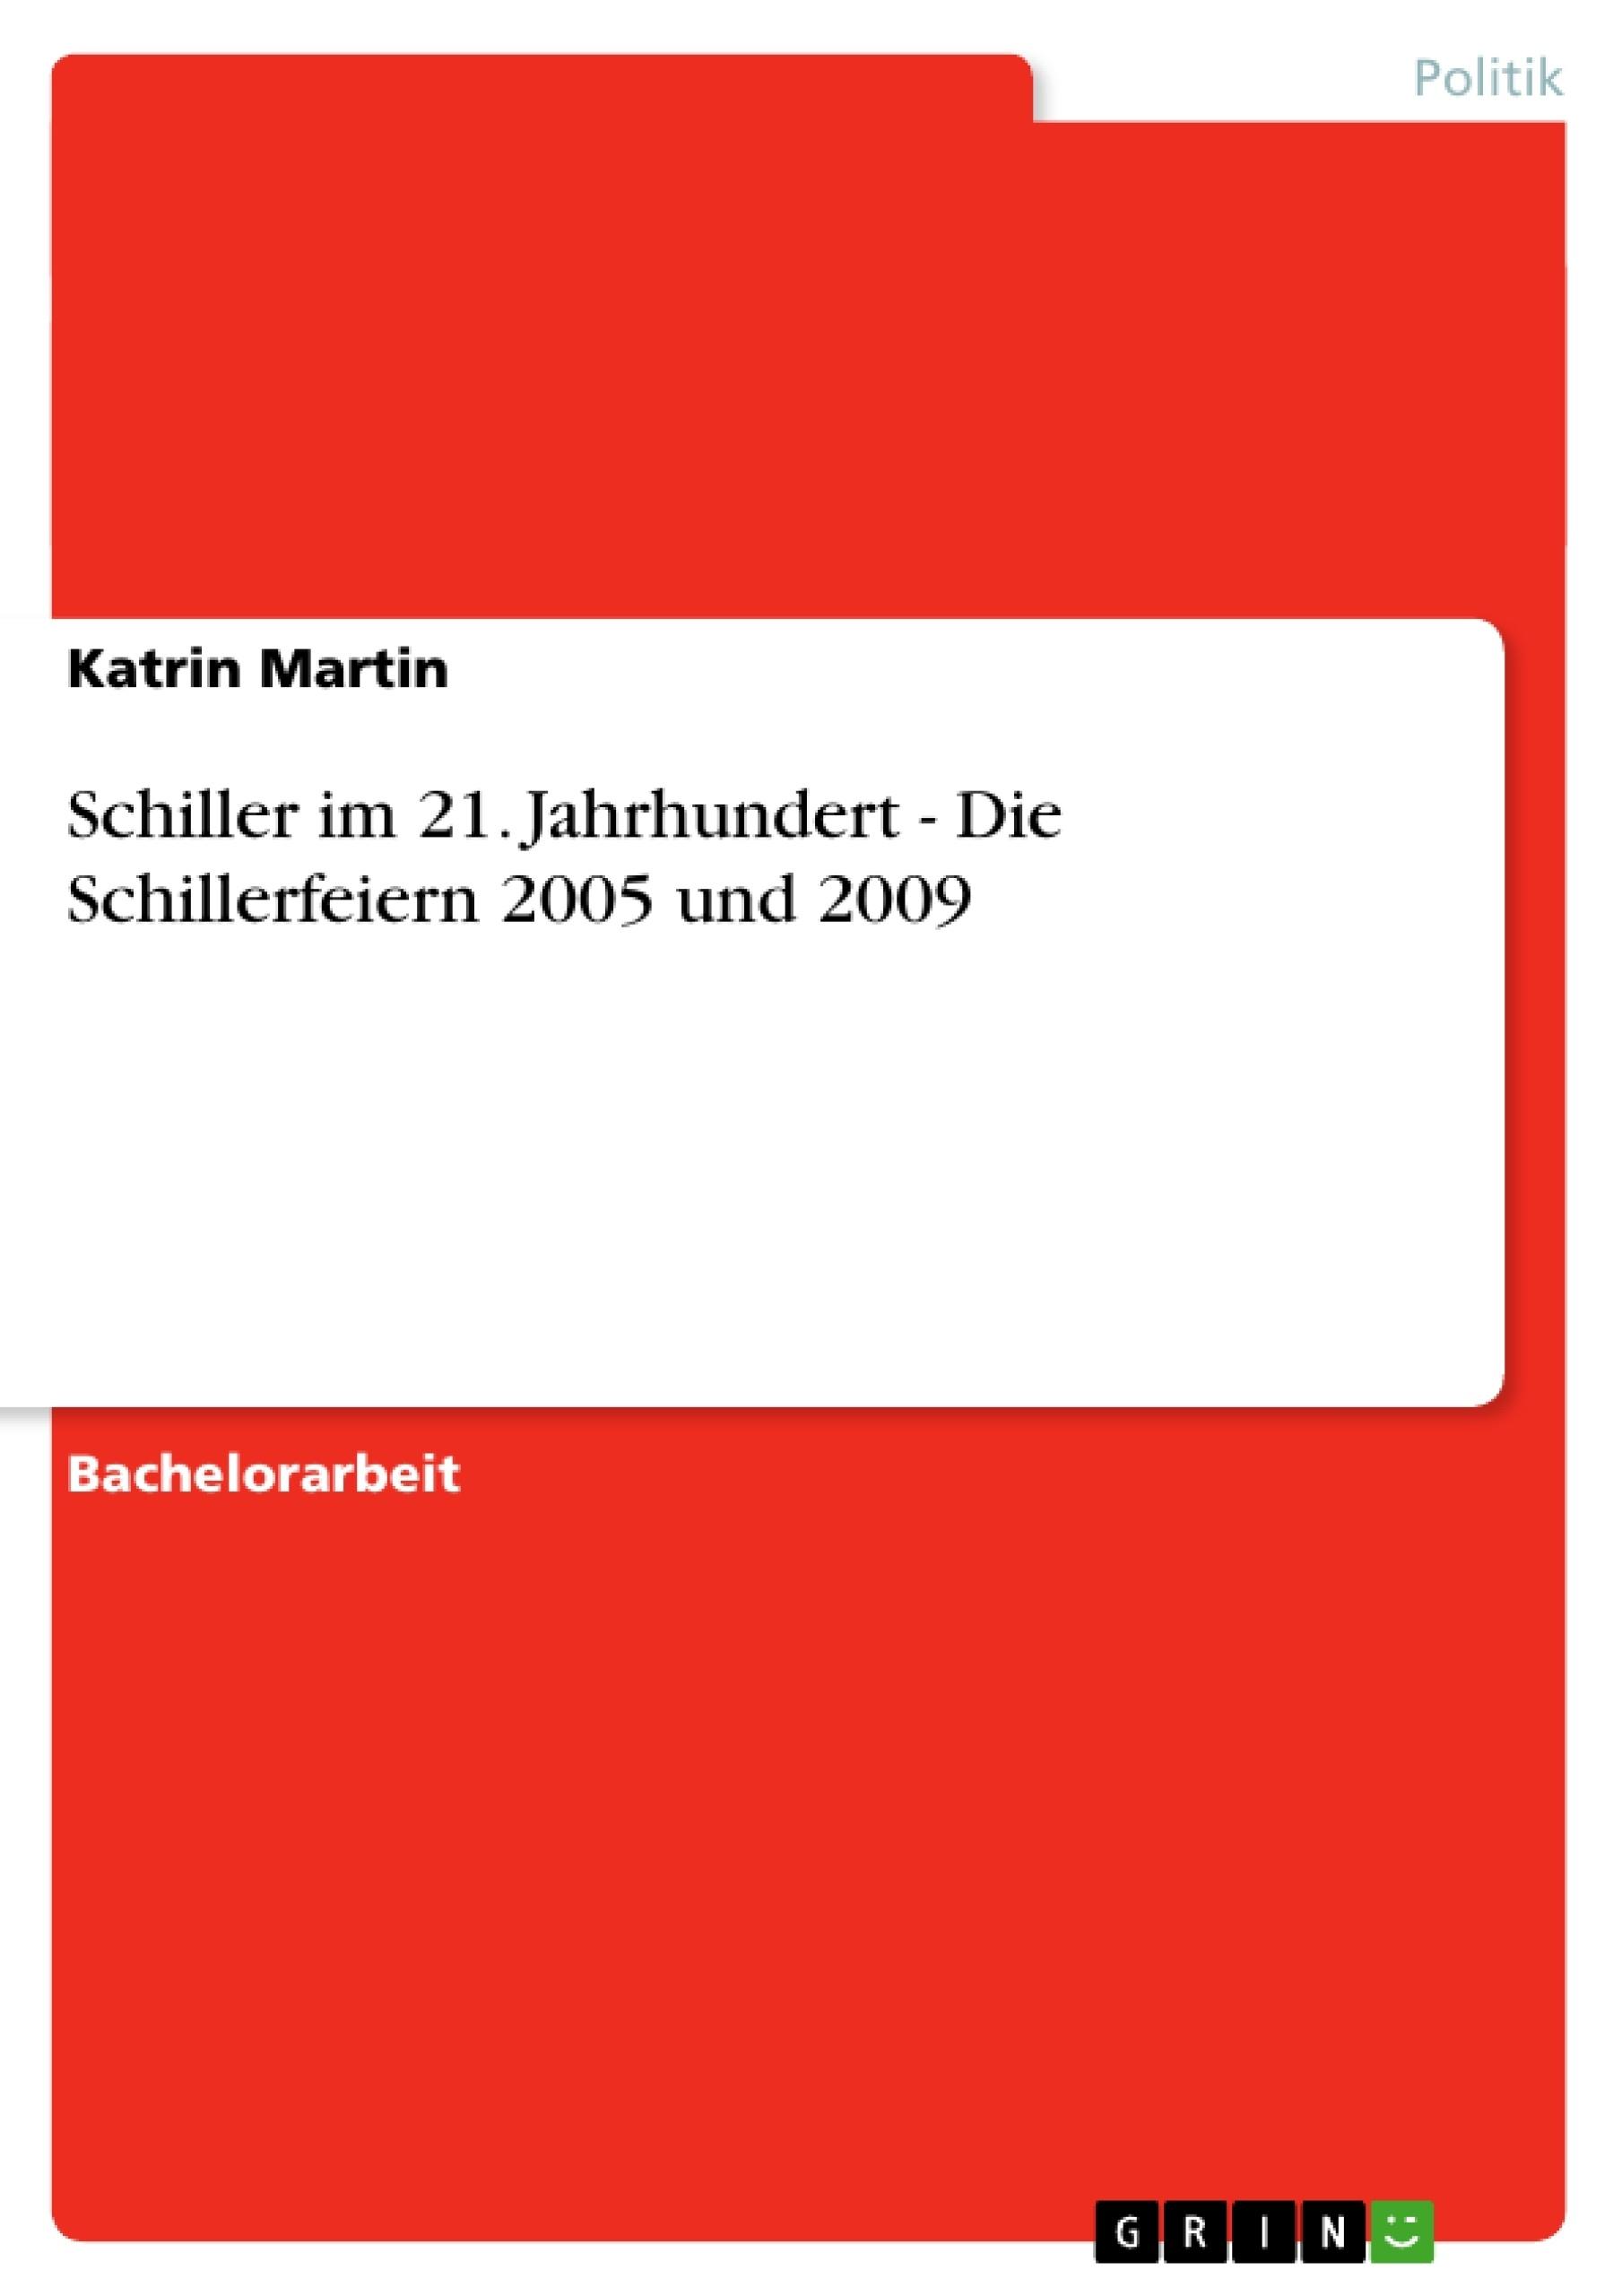 Titel: Schiller im 21. Jahrhundert - Die Schillerfeiern 2005 und 2009